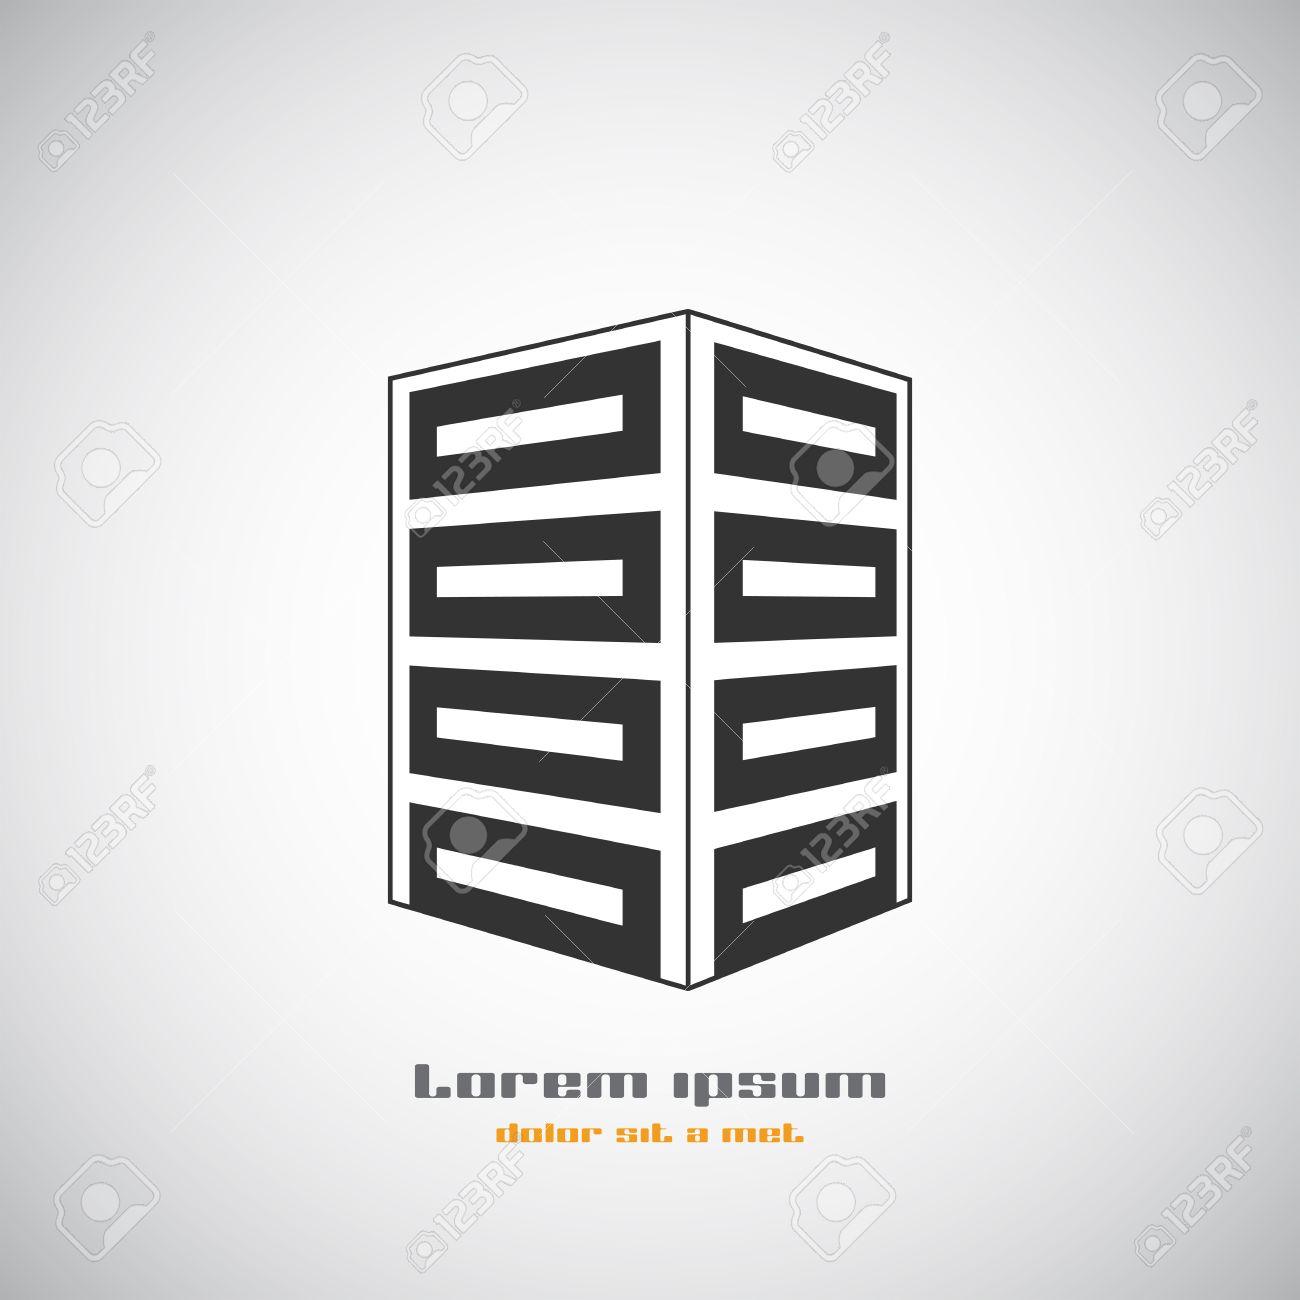 Zusammenfassung Gebäude Silhouette. Immobilien-Haus-Logos Design ...